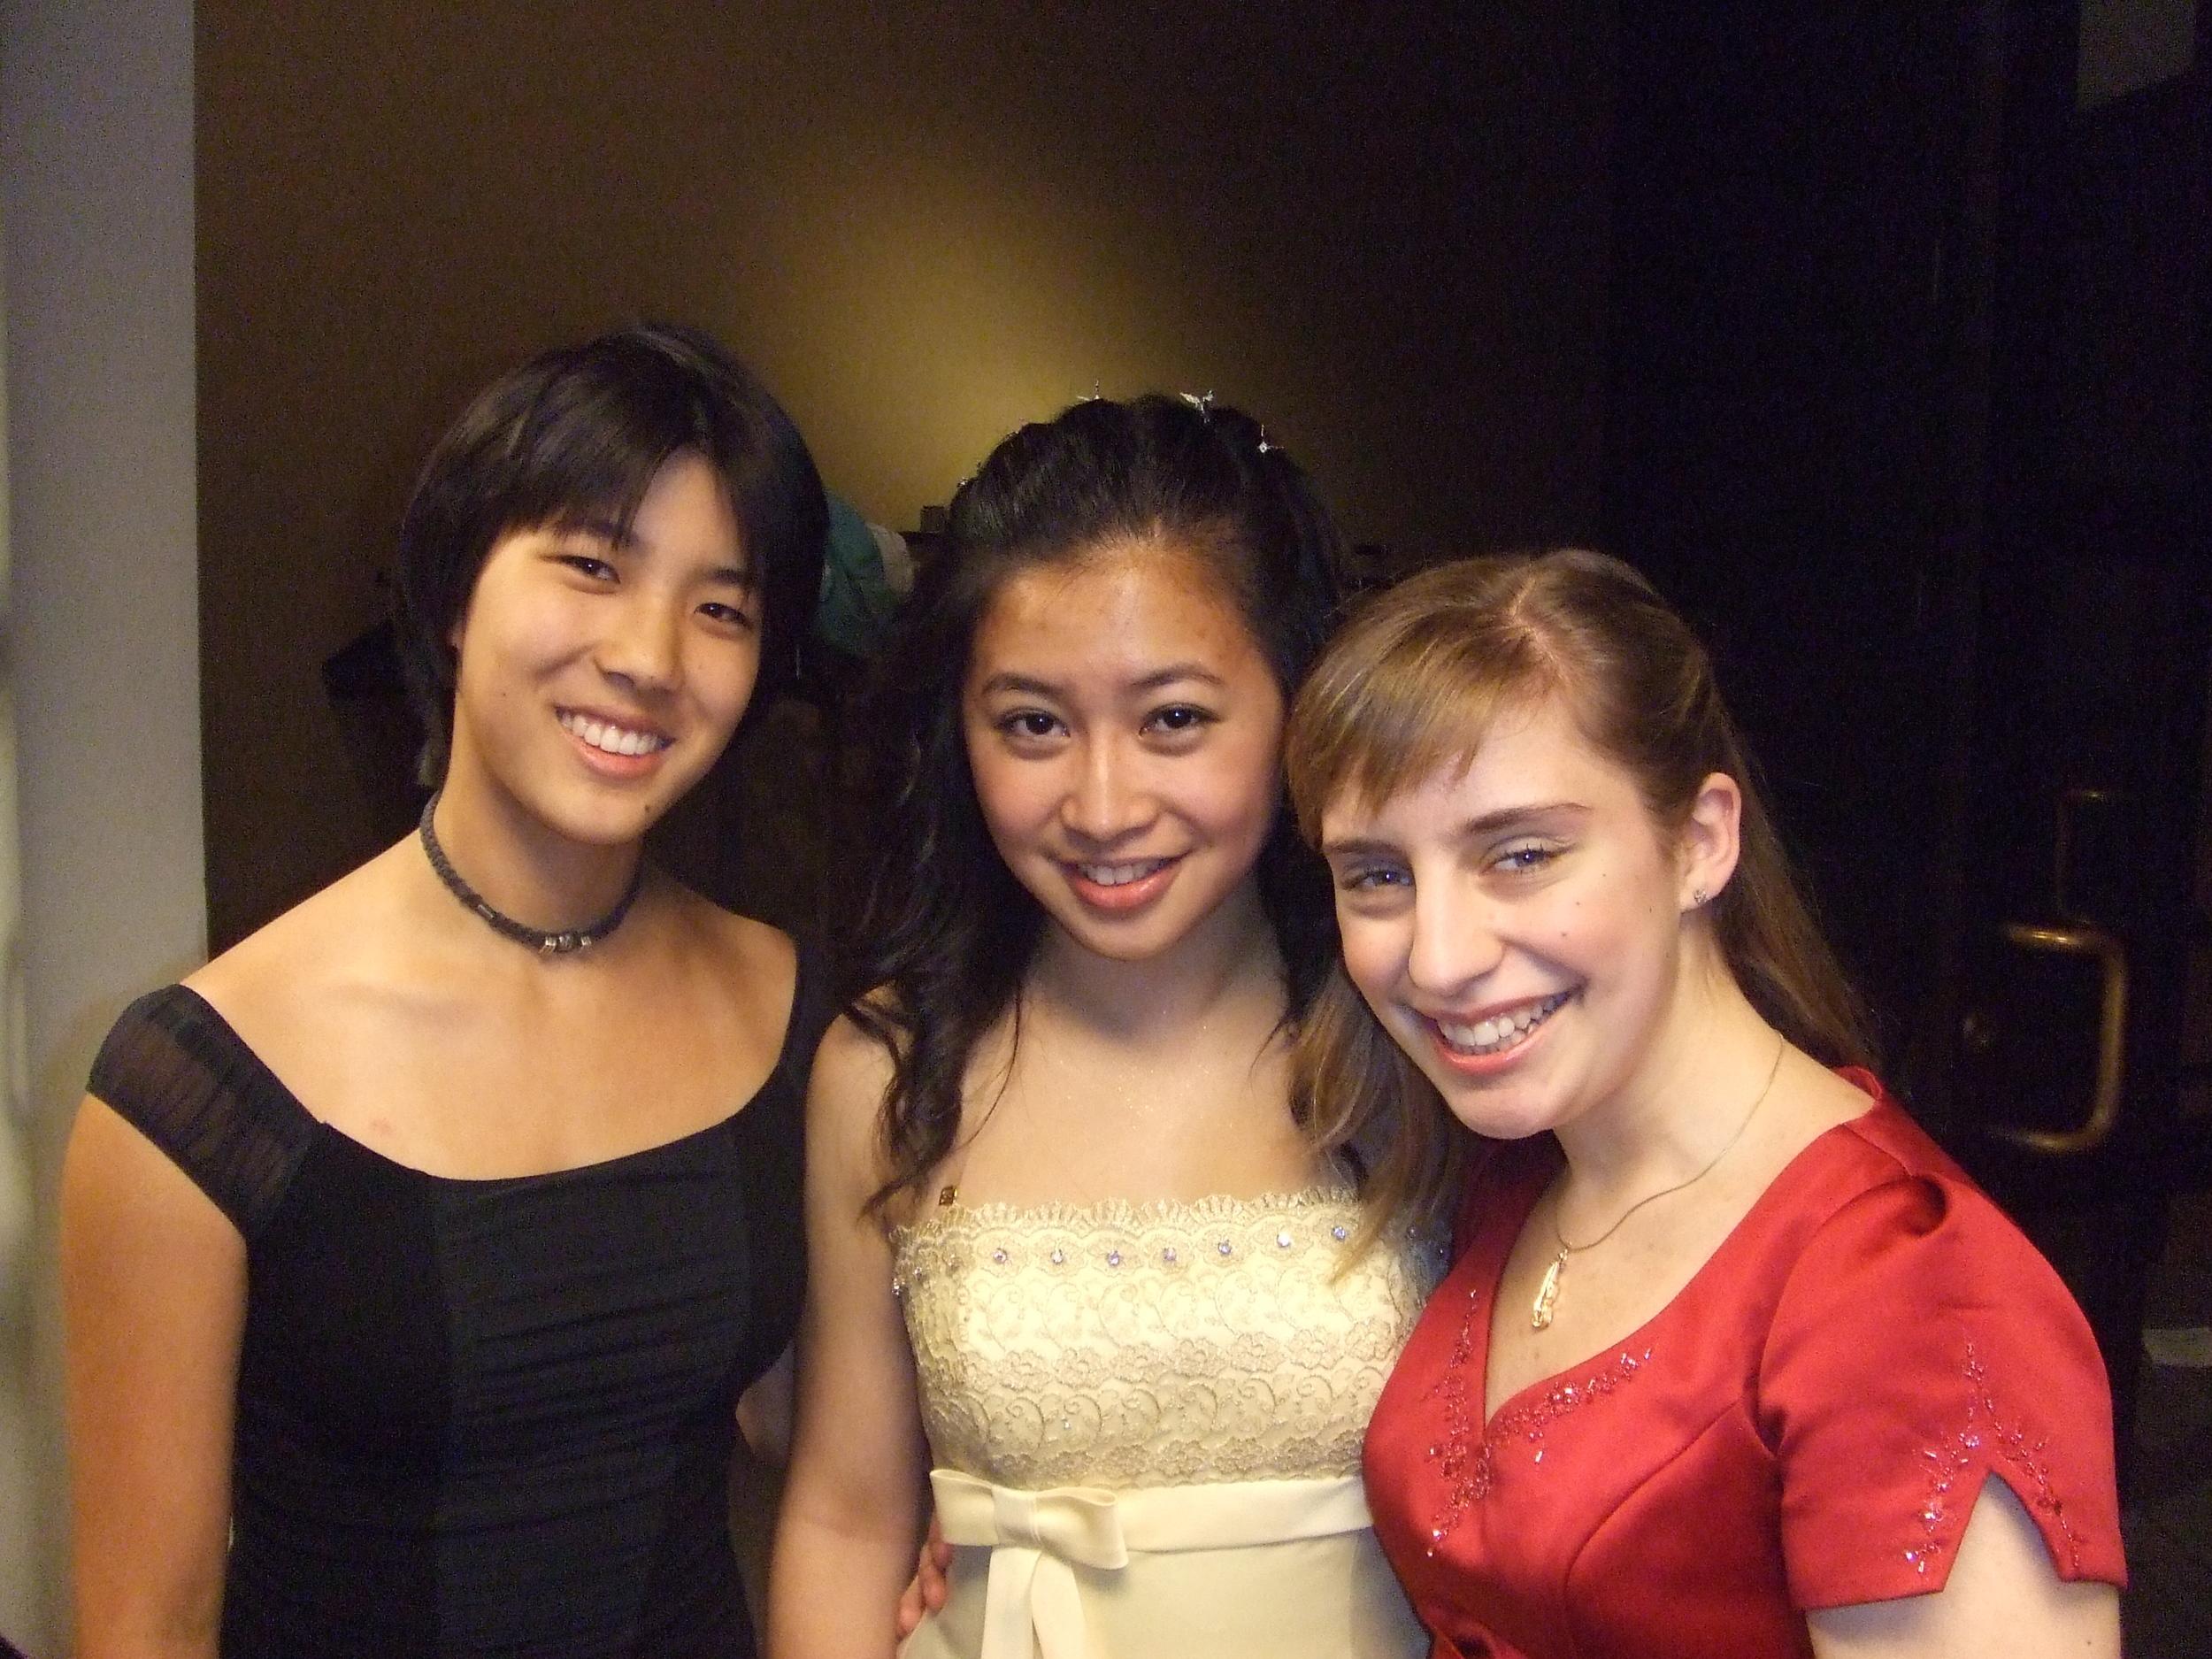 Courtney Kaita, Lily Chiu, and Emma Schmiedecke